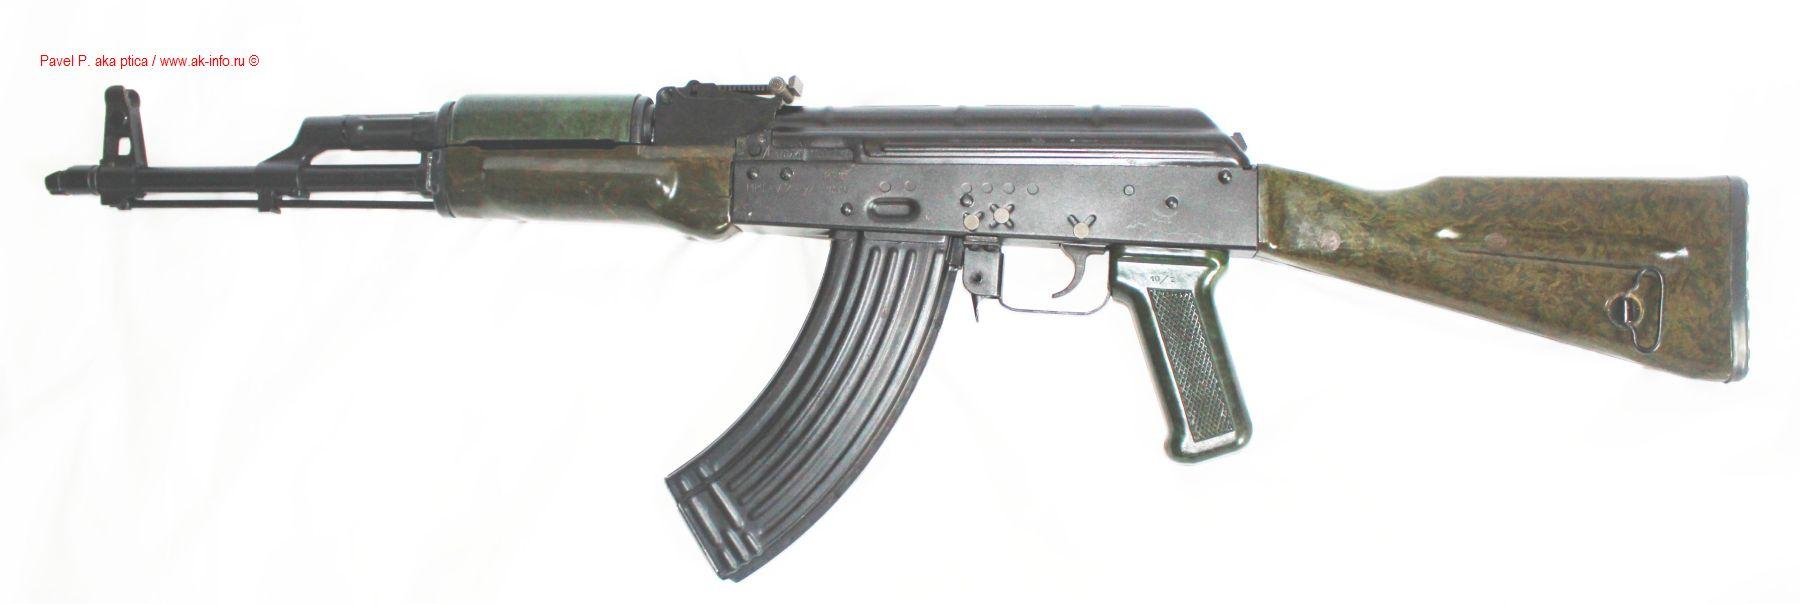 АКМ погранвойск СССР (обр. 1974 г.).